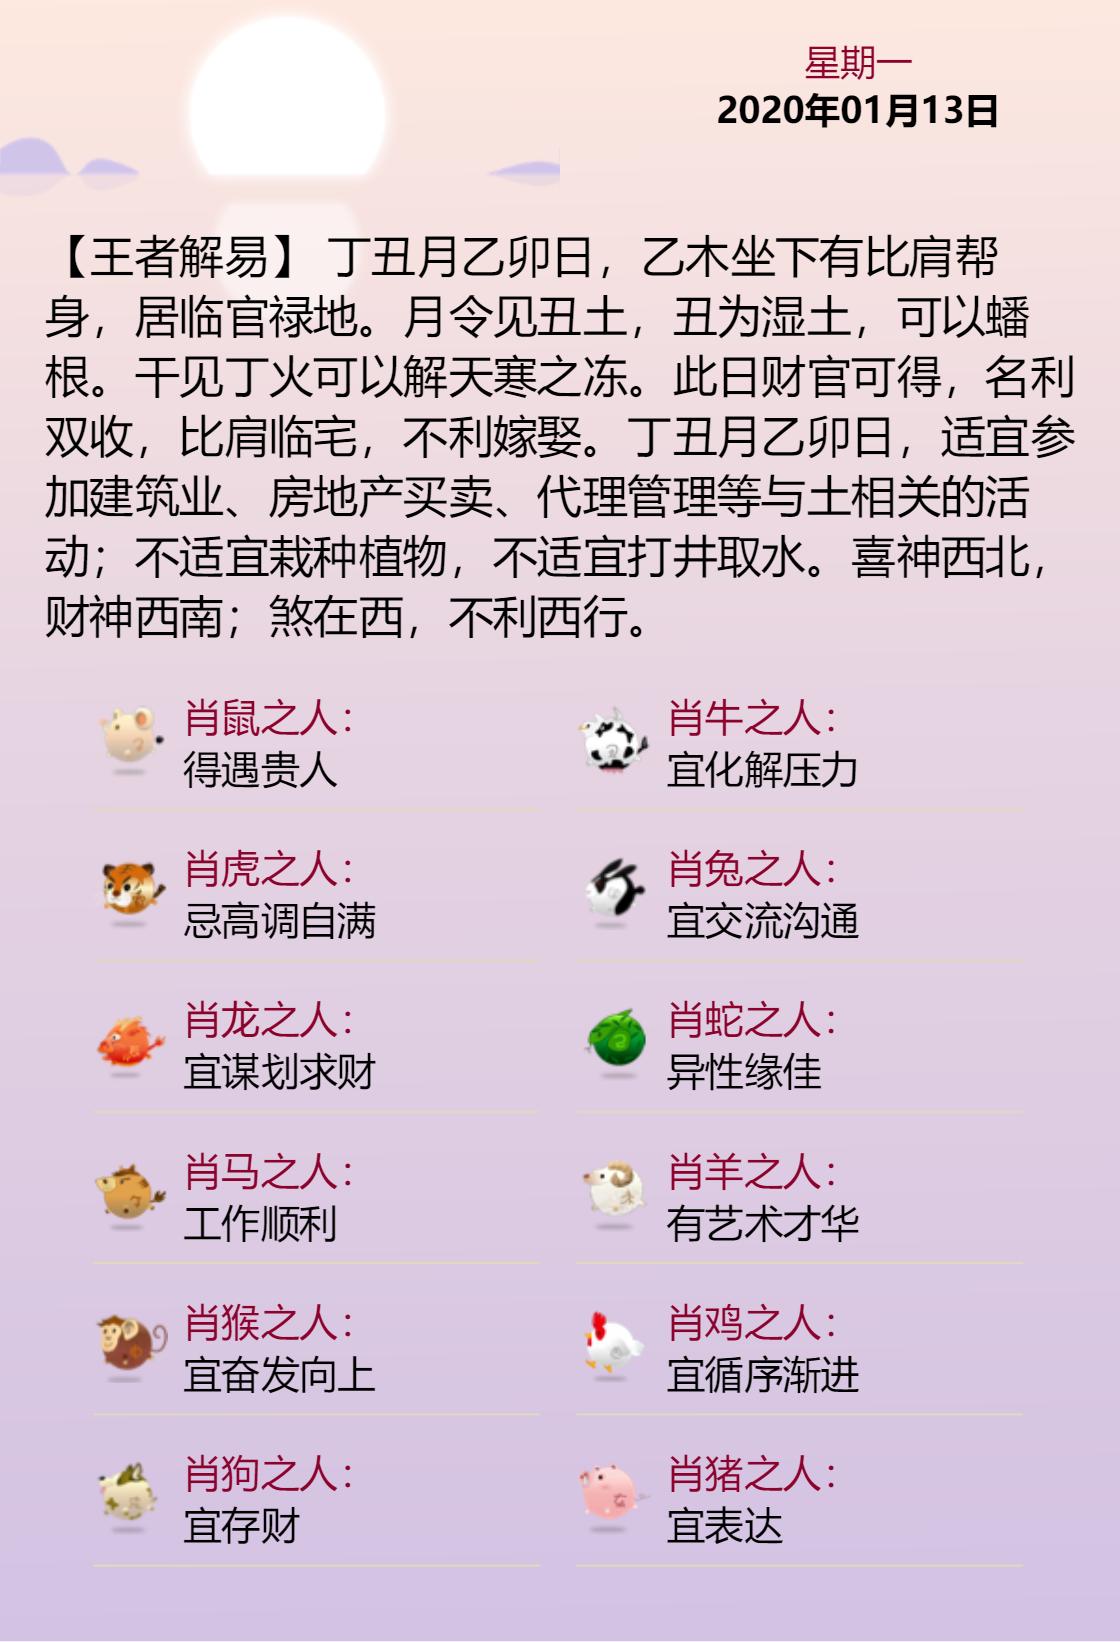 黄历海报20200113.png